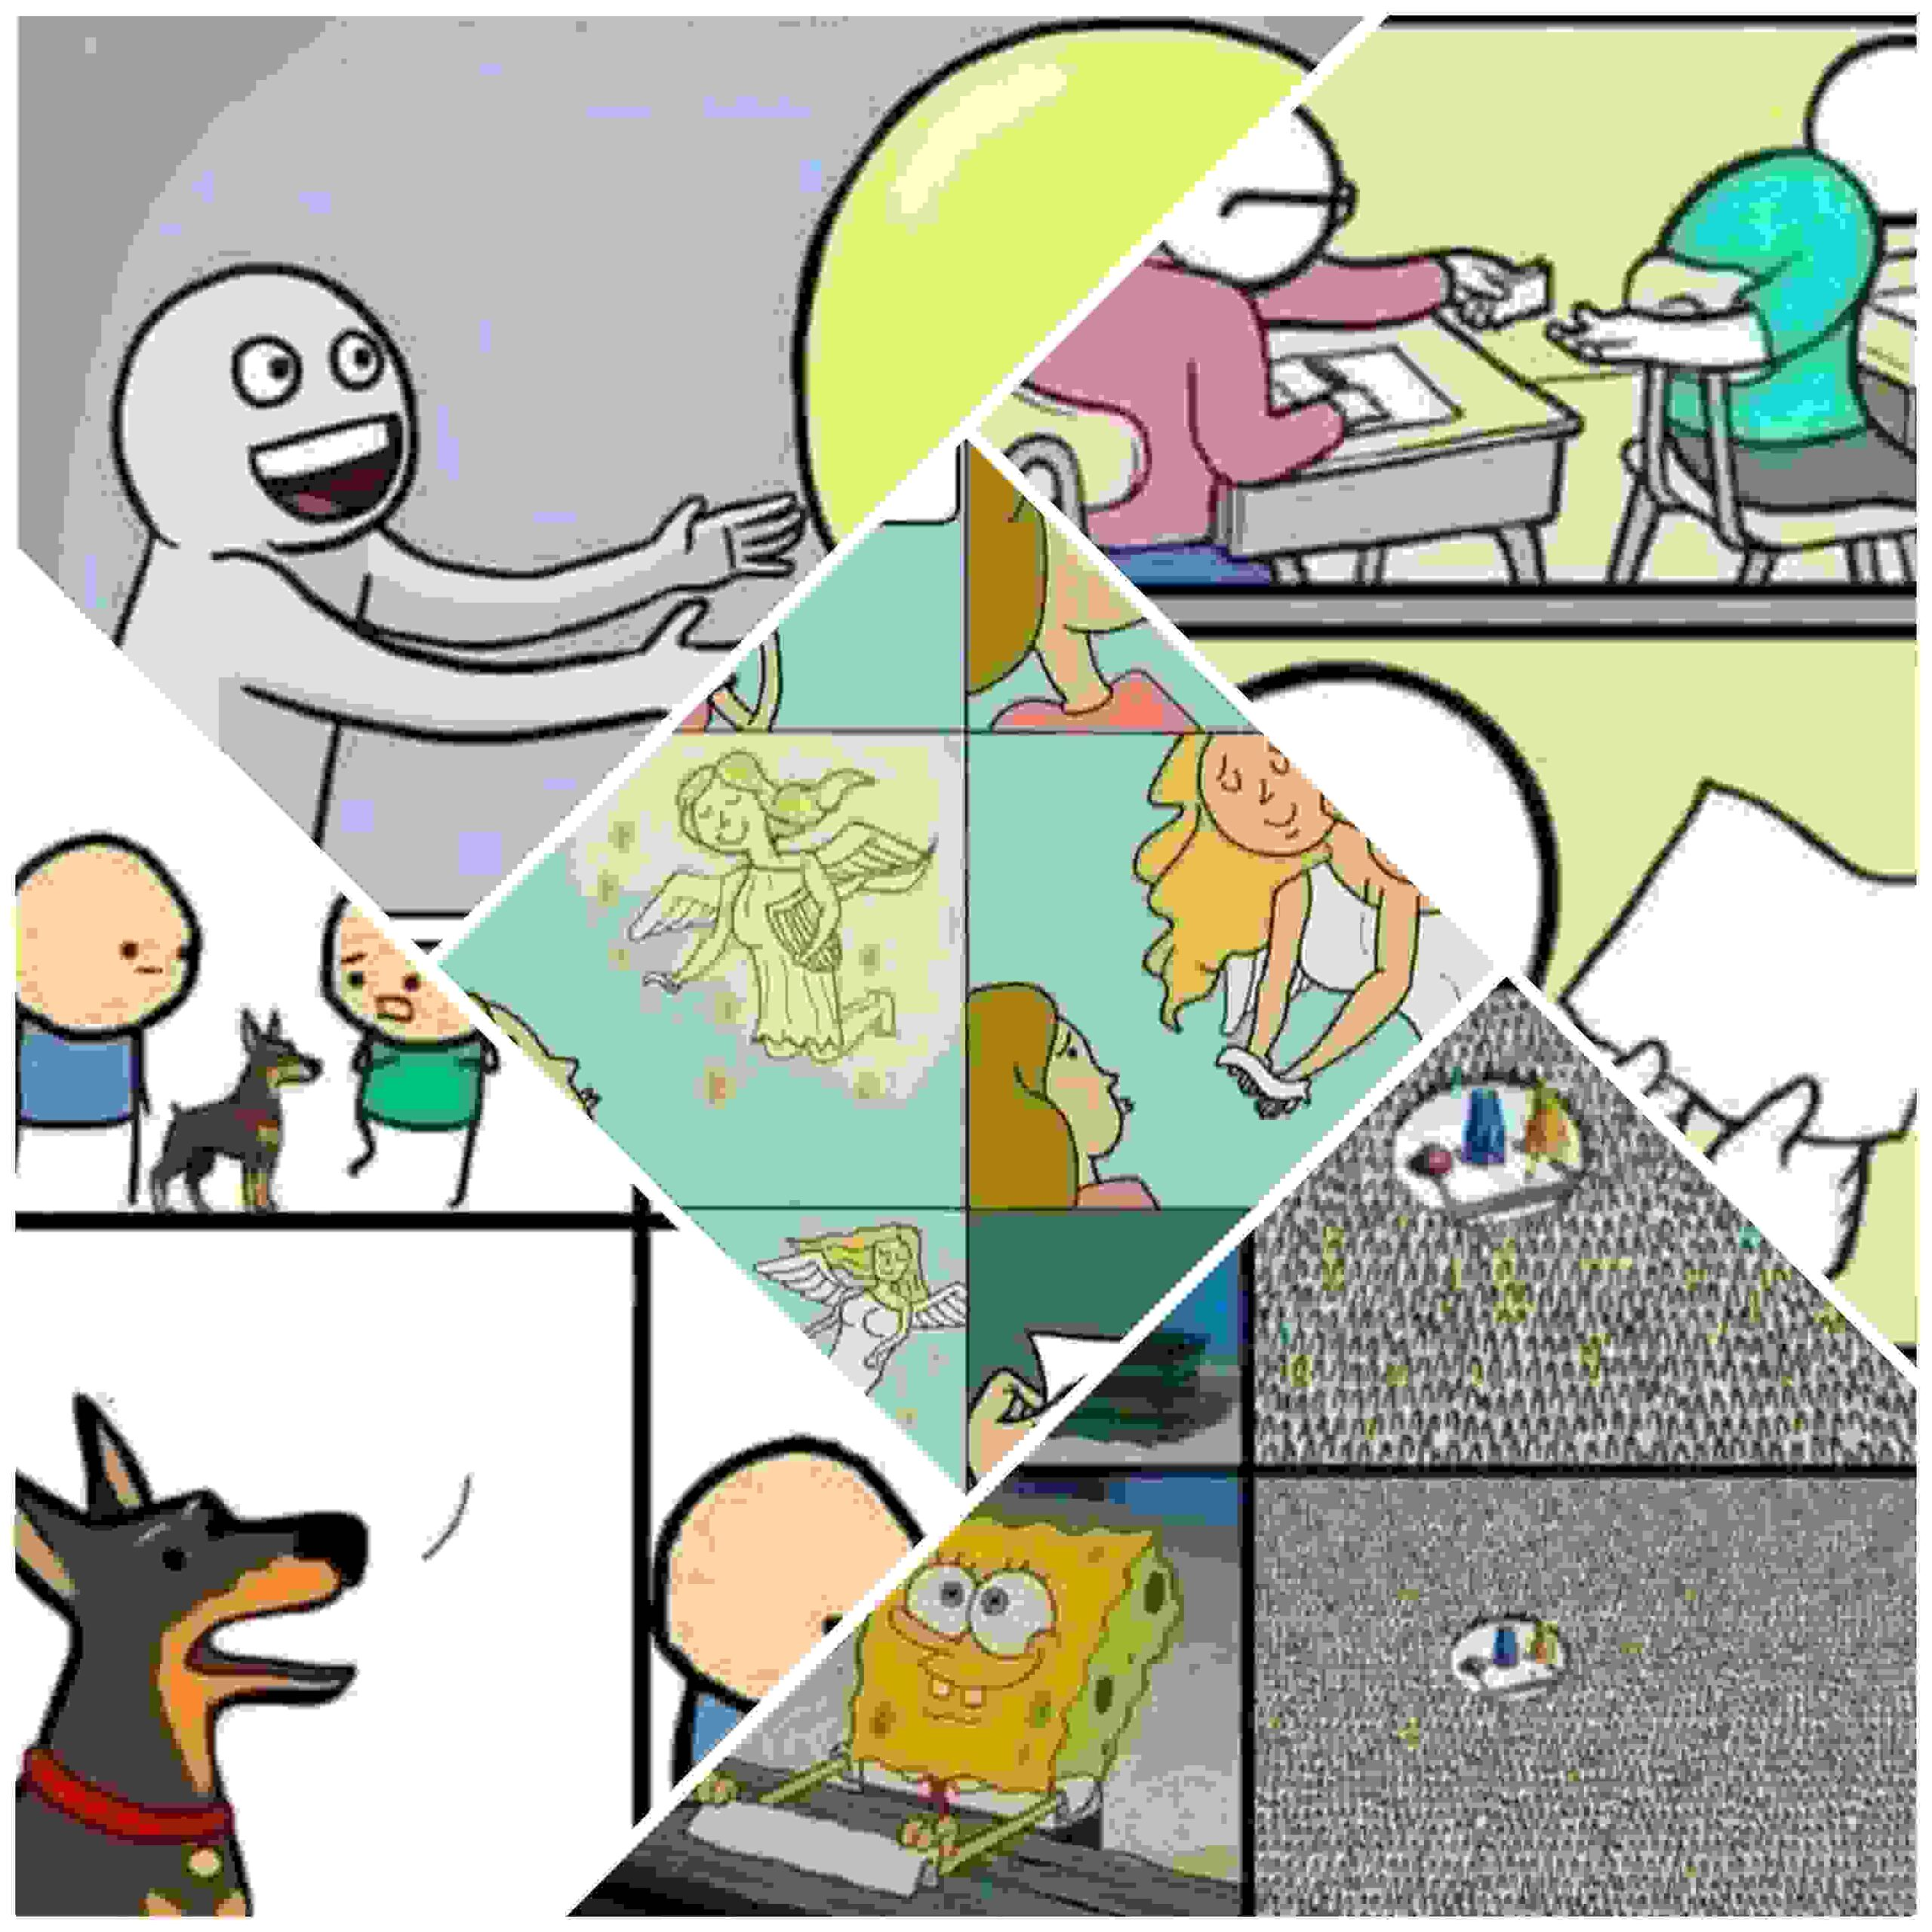 Popular Meme Template, জনপ্রিয় মিম টেমপ্লেট, মিম টেমপ্লেট, মিম টেমপ্লেট ডাউনলোড